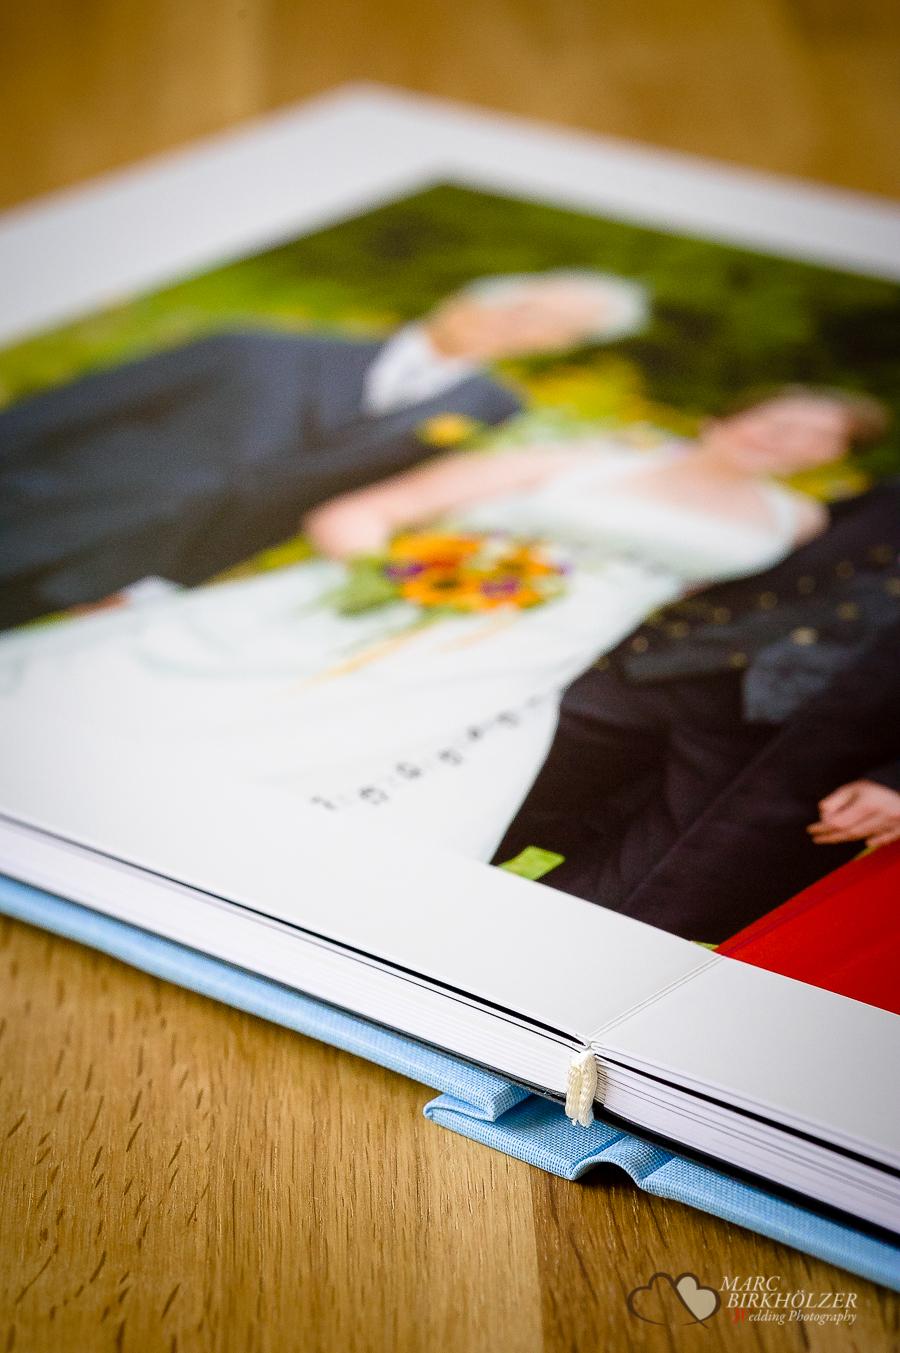 Marc-Birkhölzer-Hochzeitsfotografie-Hochzeitsalbum-4